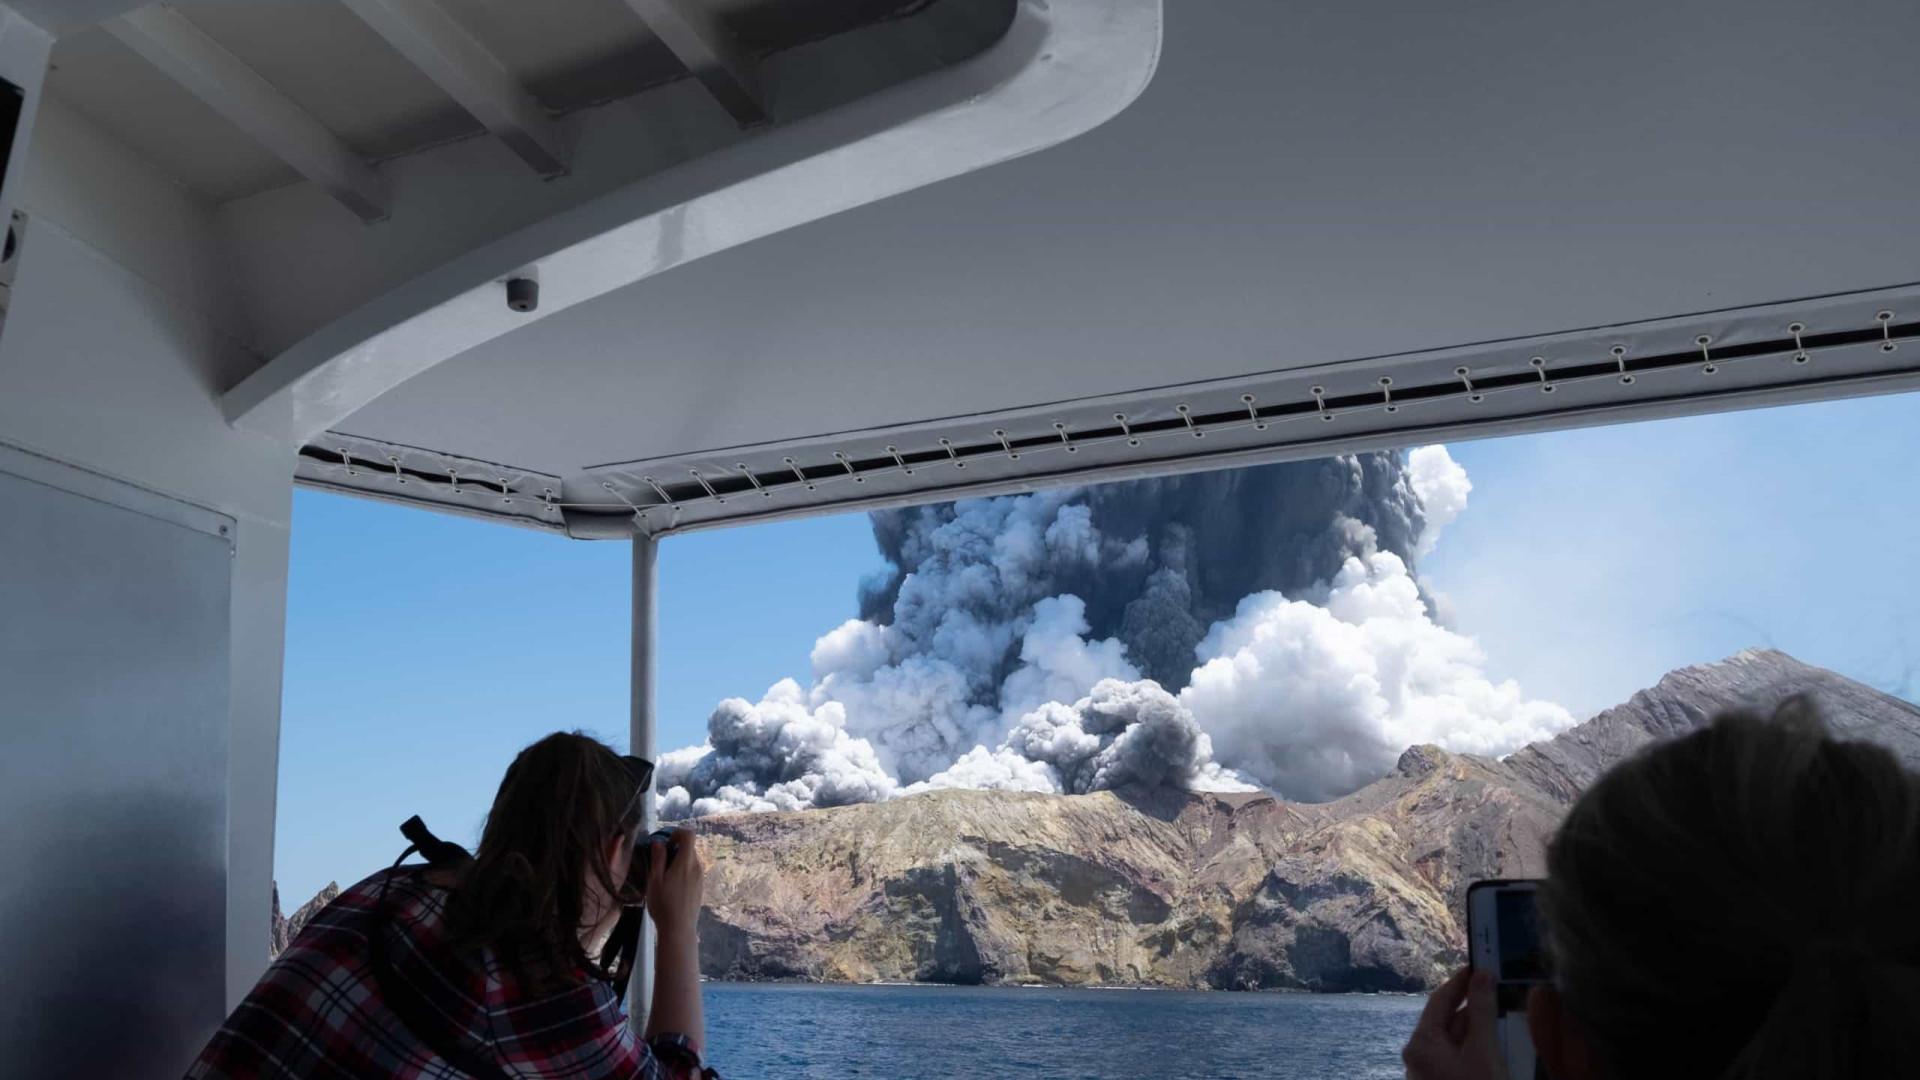 Encontrados 6 corpos de turistas vítimas do vulcão na Nova Zelândia